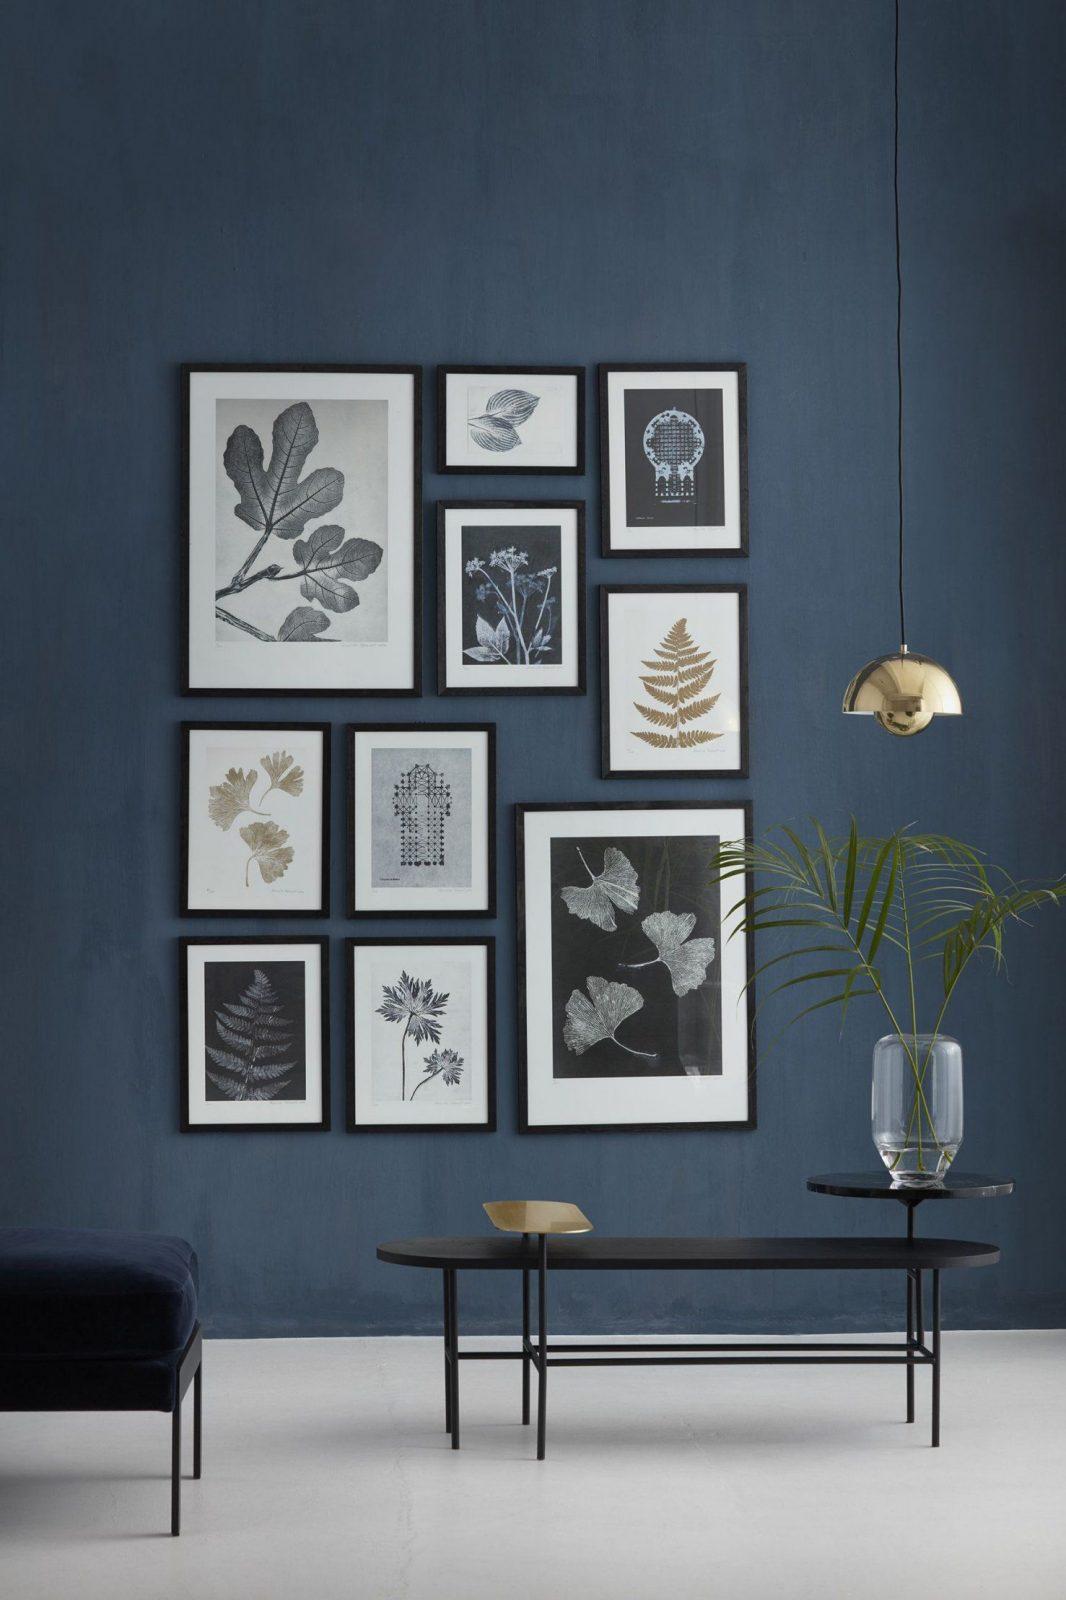 Bilder An Die Wand  Lilaliv  ตกแต่งบ้าน  Pinterest  Einfache von Bilder An Die Wand Bild